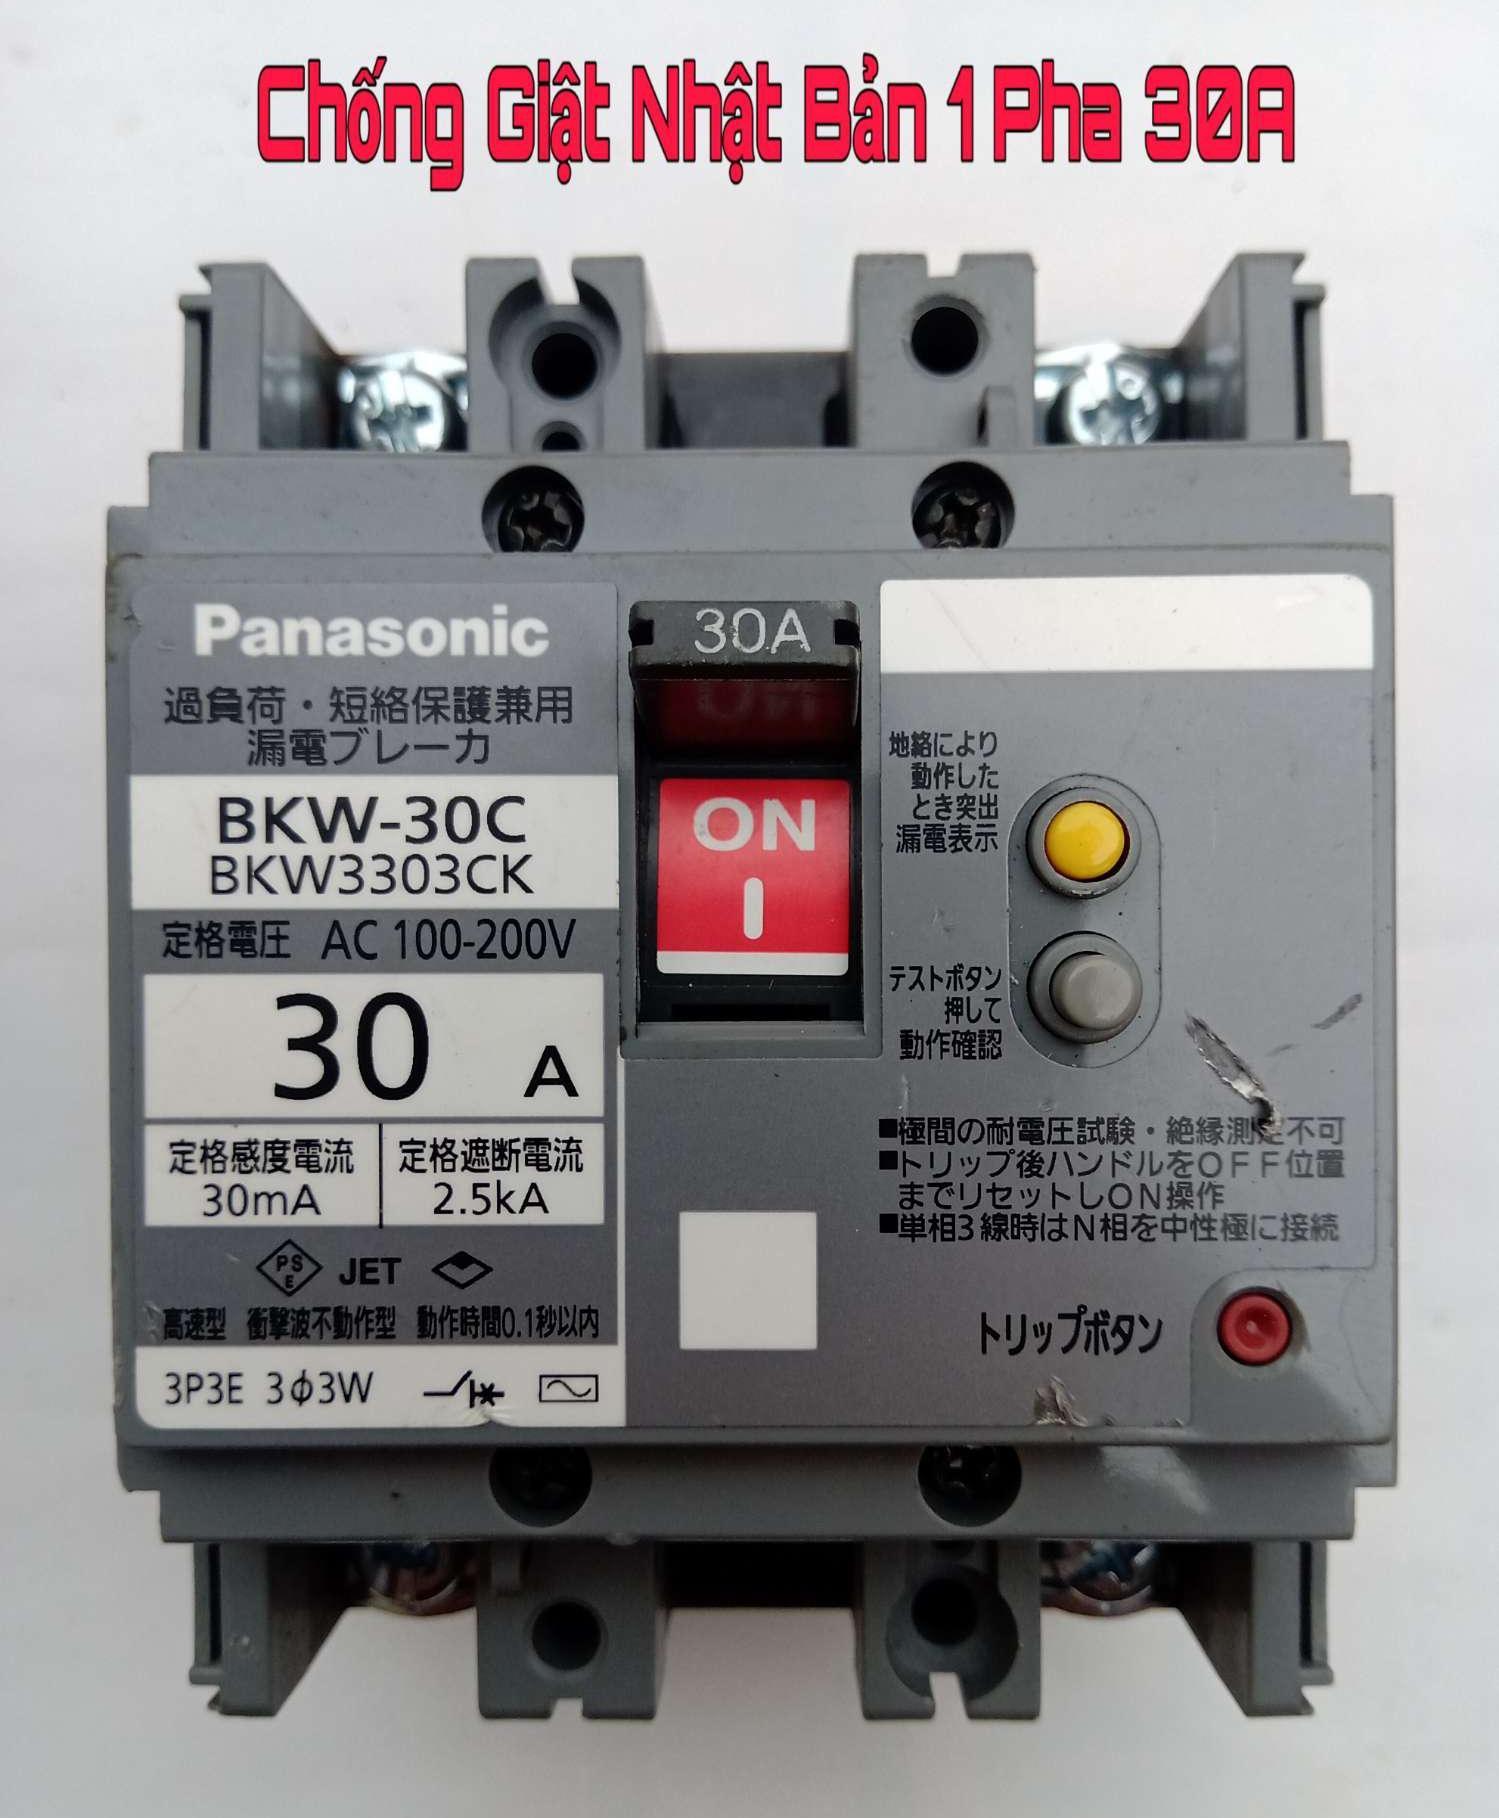 Aptomat Chống Giật Nhật Bản 1 Pha 30A 30mA Lắp 220V